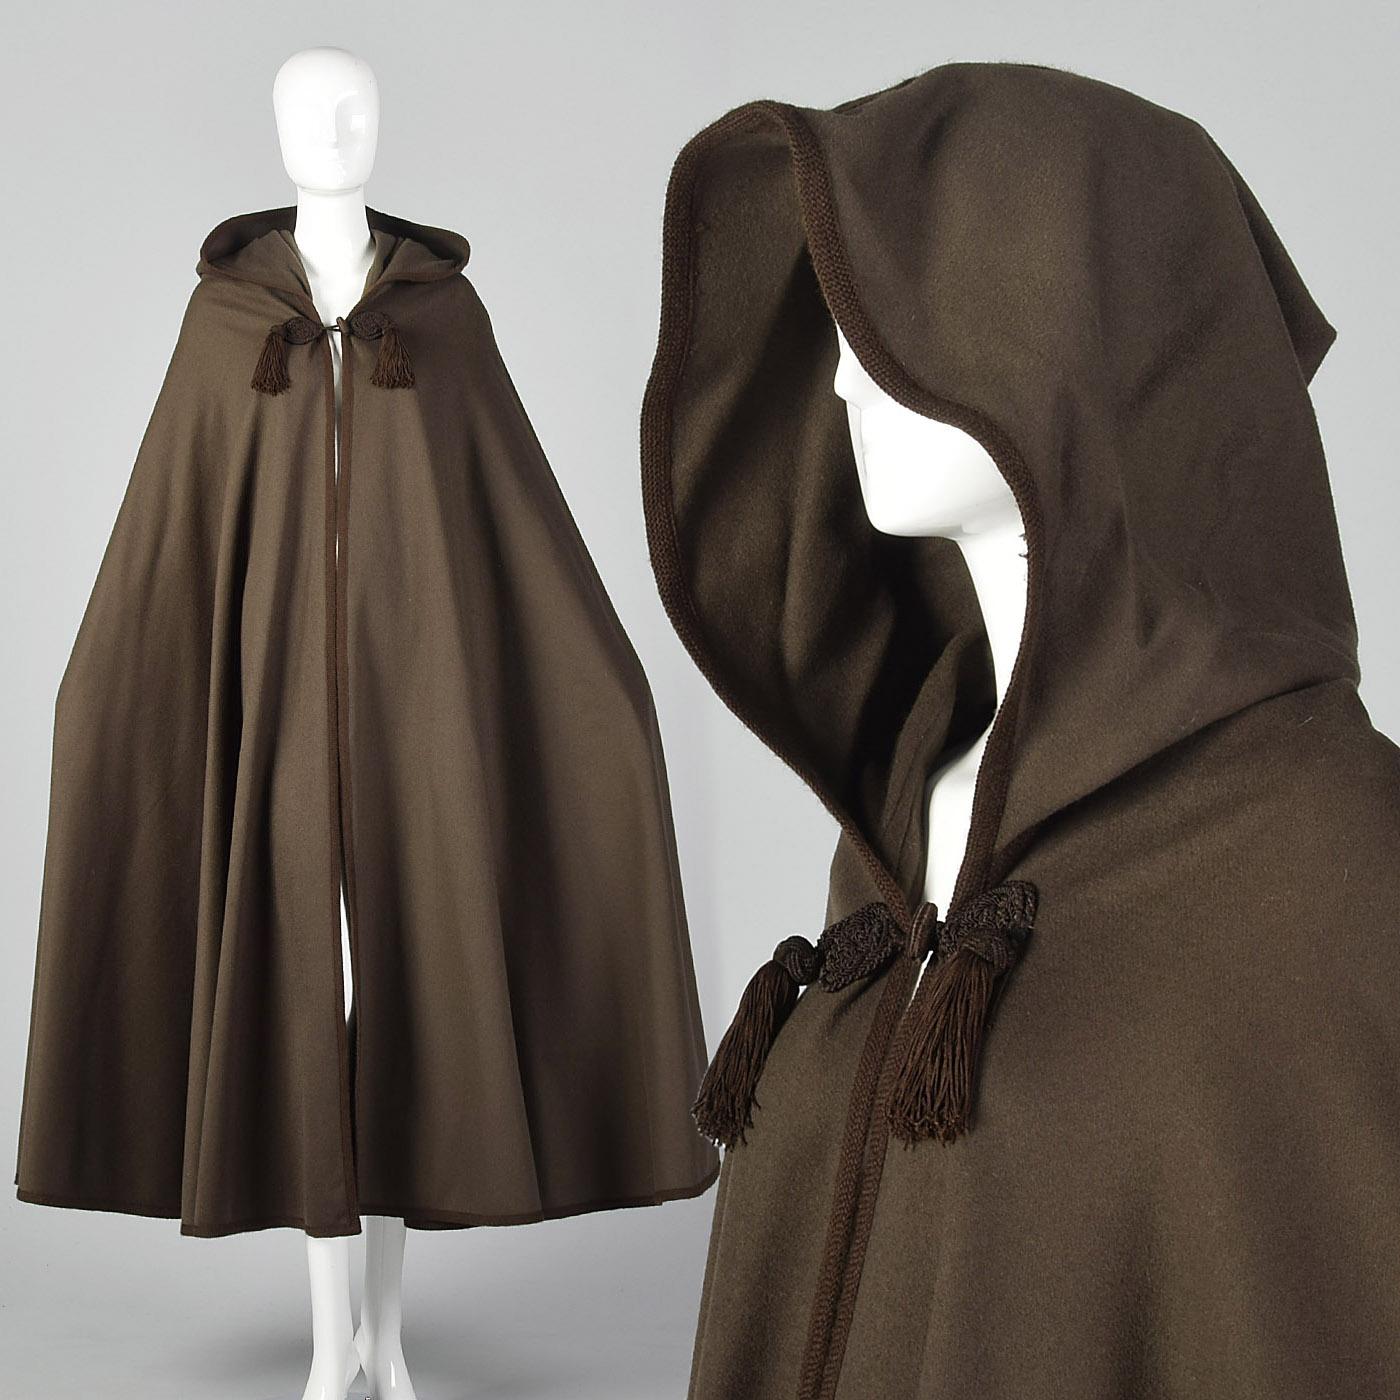 25781d54a1f Details about 1970s Yves Saint Laurent Winter Cape Russian Collection 1976  VTG Brown Cloak